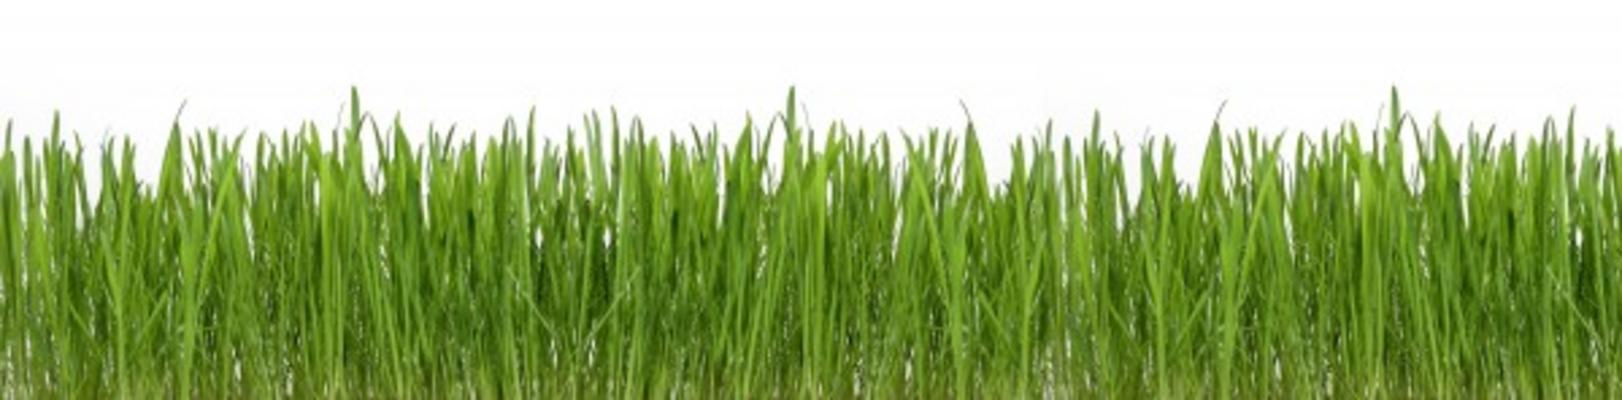 Rustperiode grasvelden